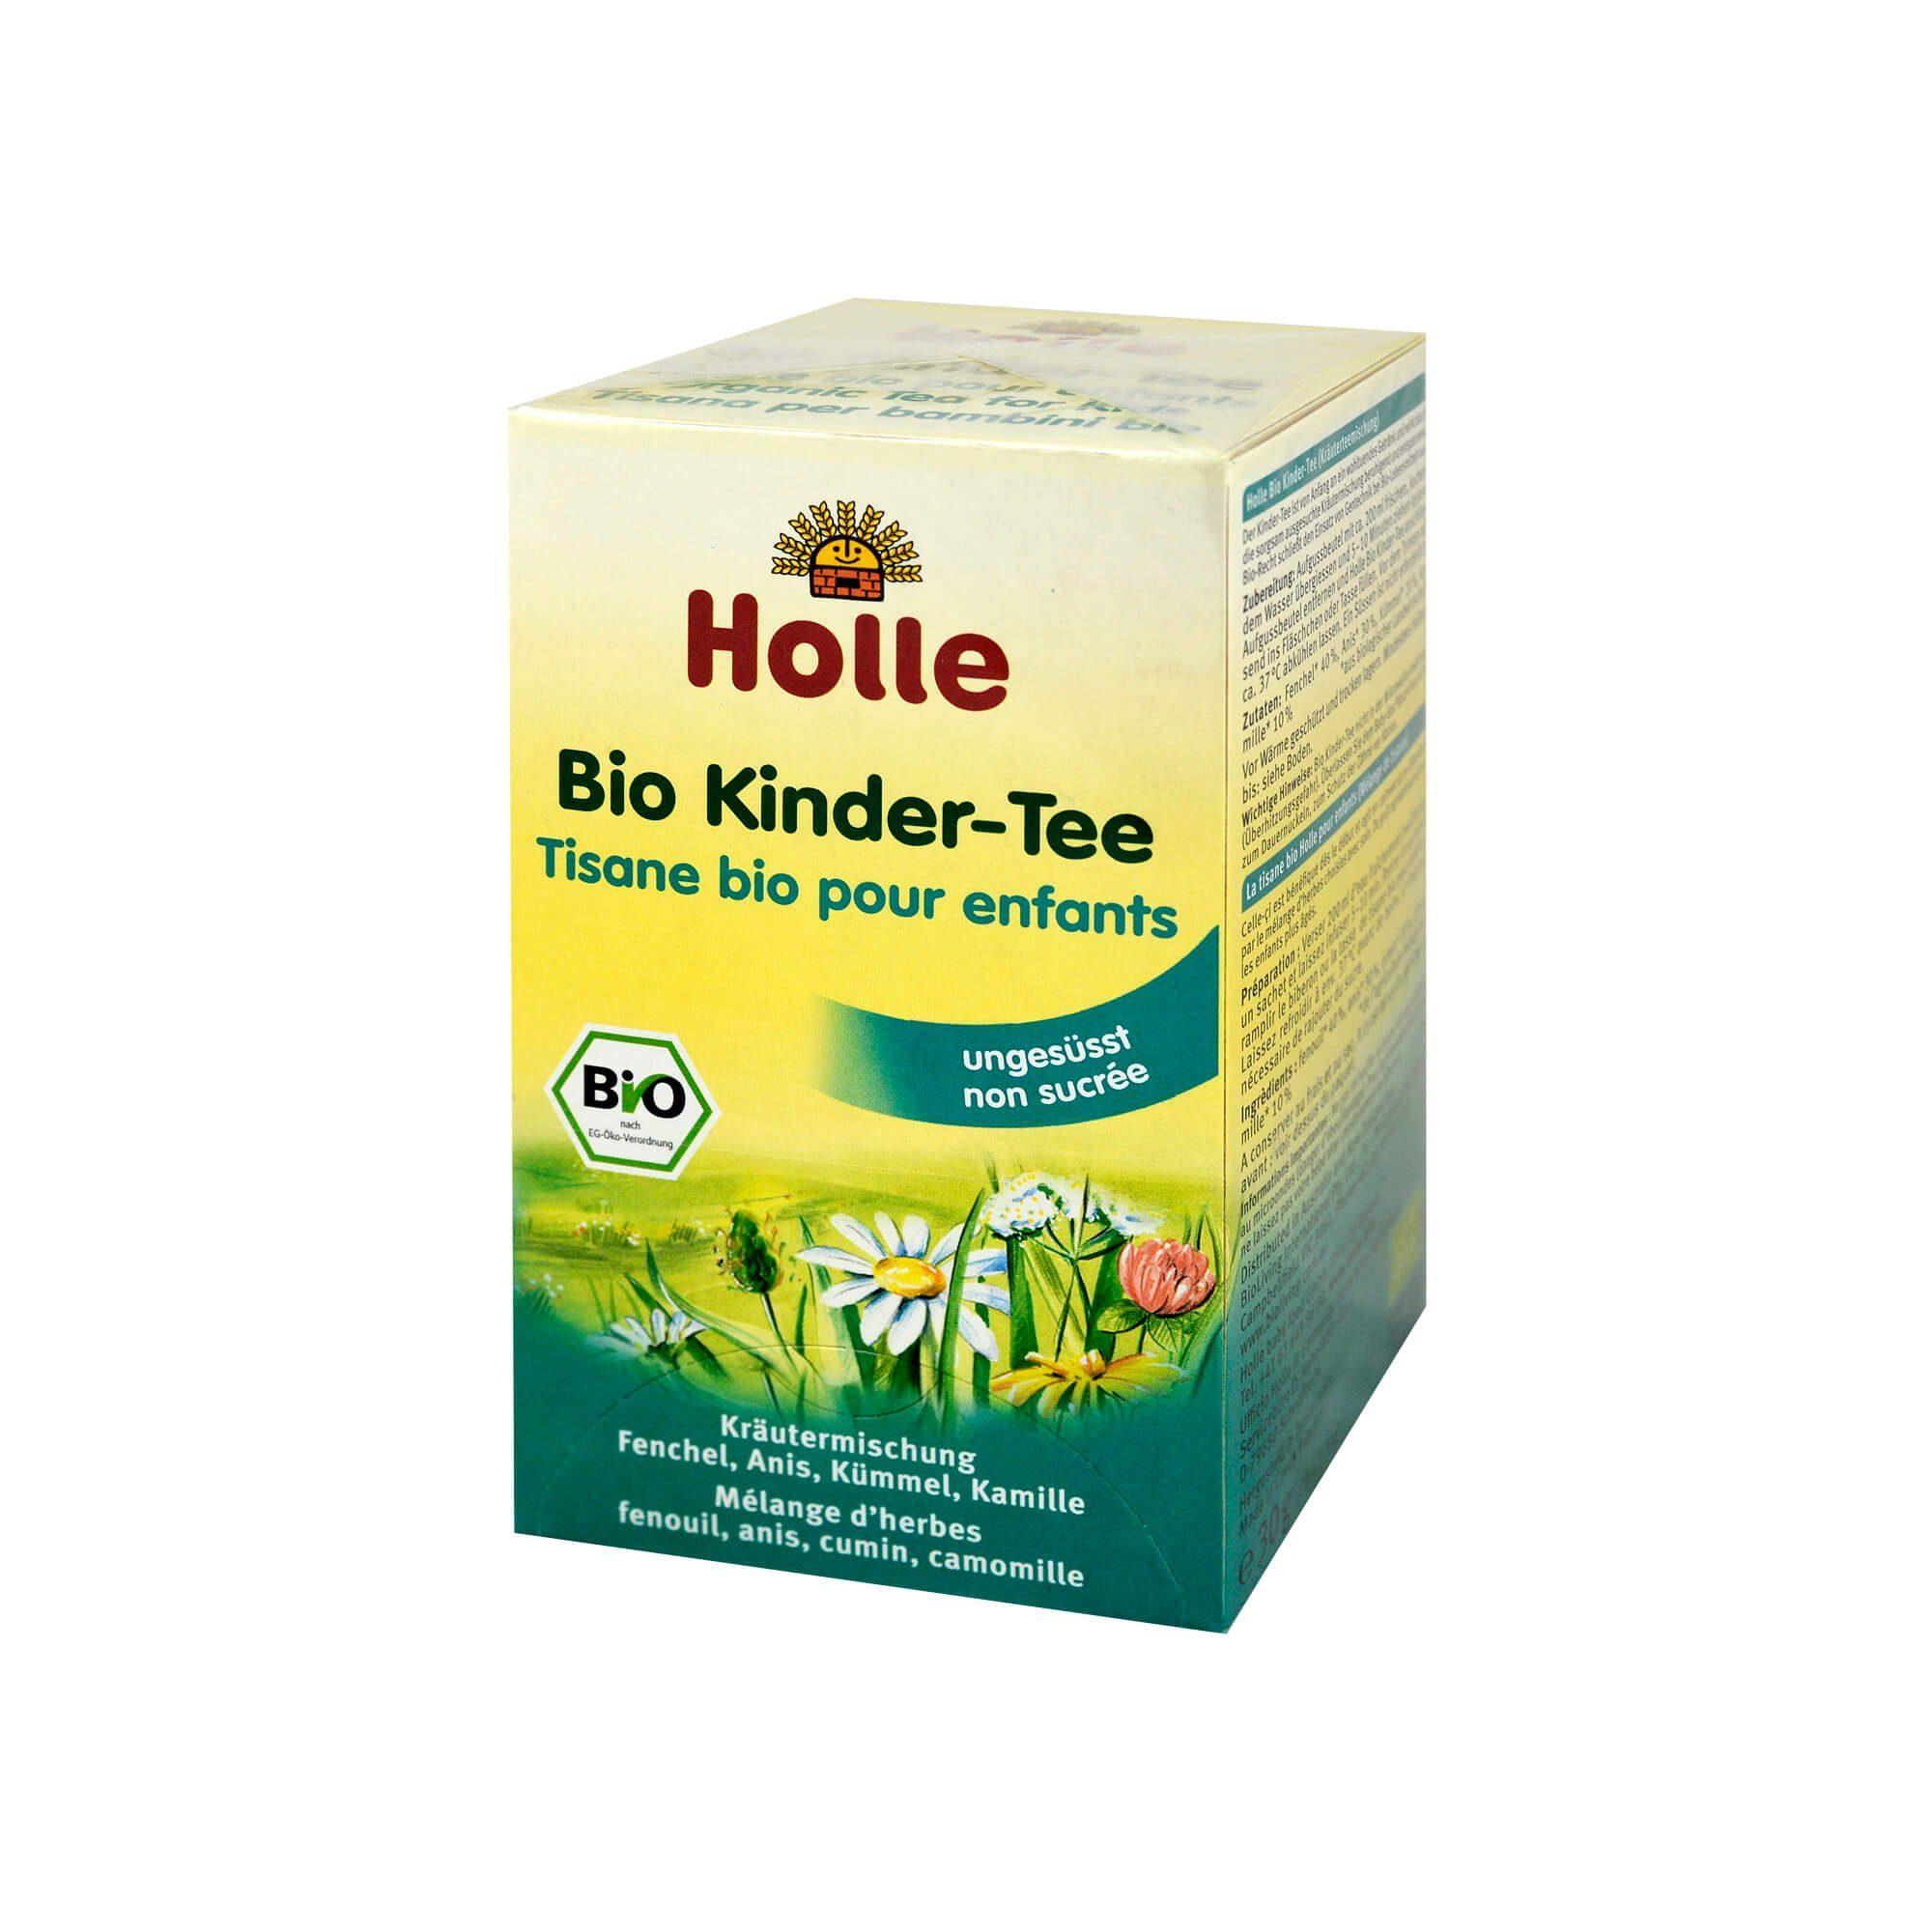 Holle Bio Kinder Tee , 30 g